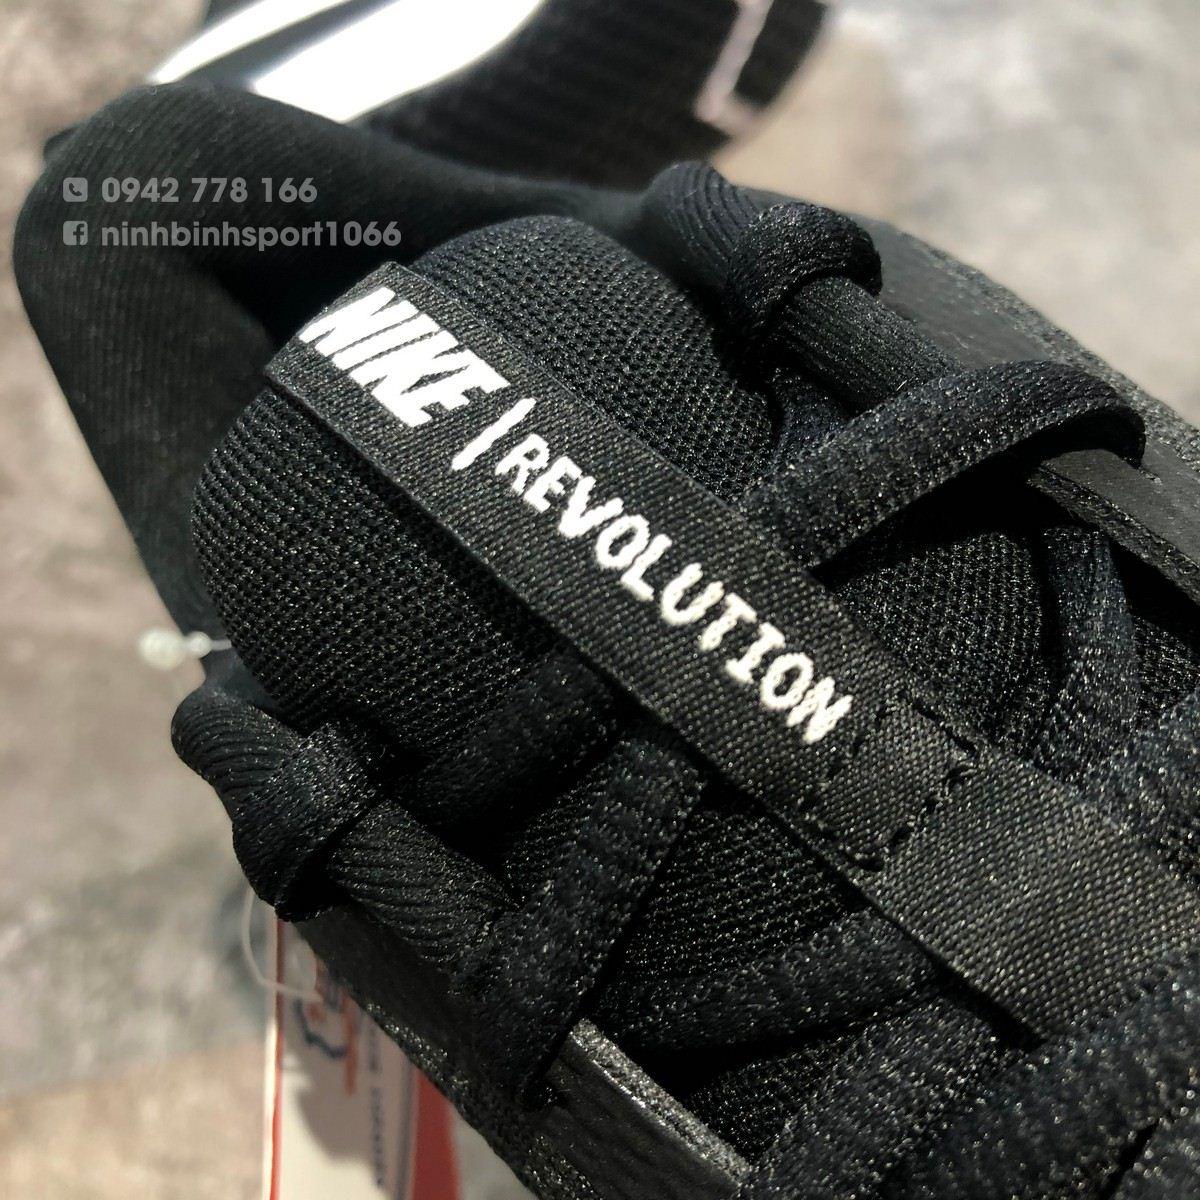 Giày thể thao nam Nike Revolution 5 BQ3204-002